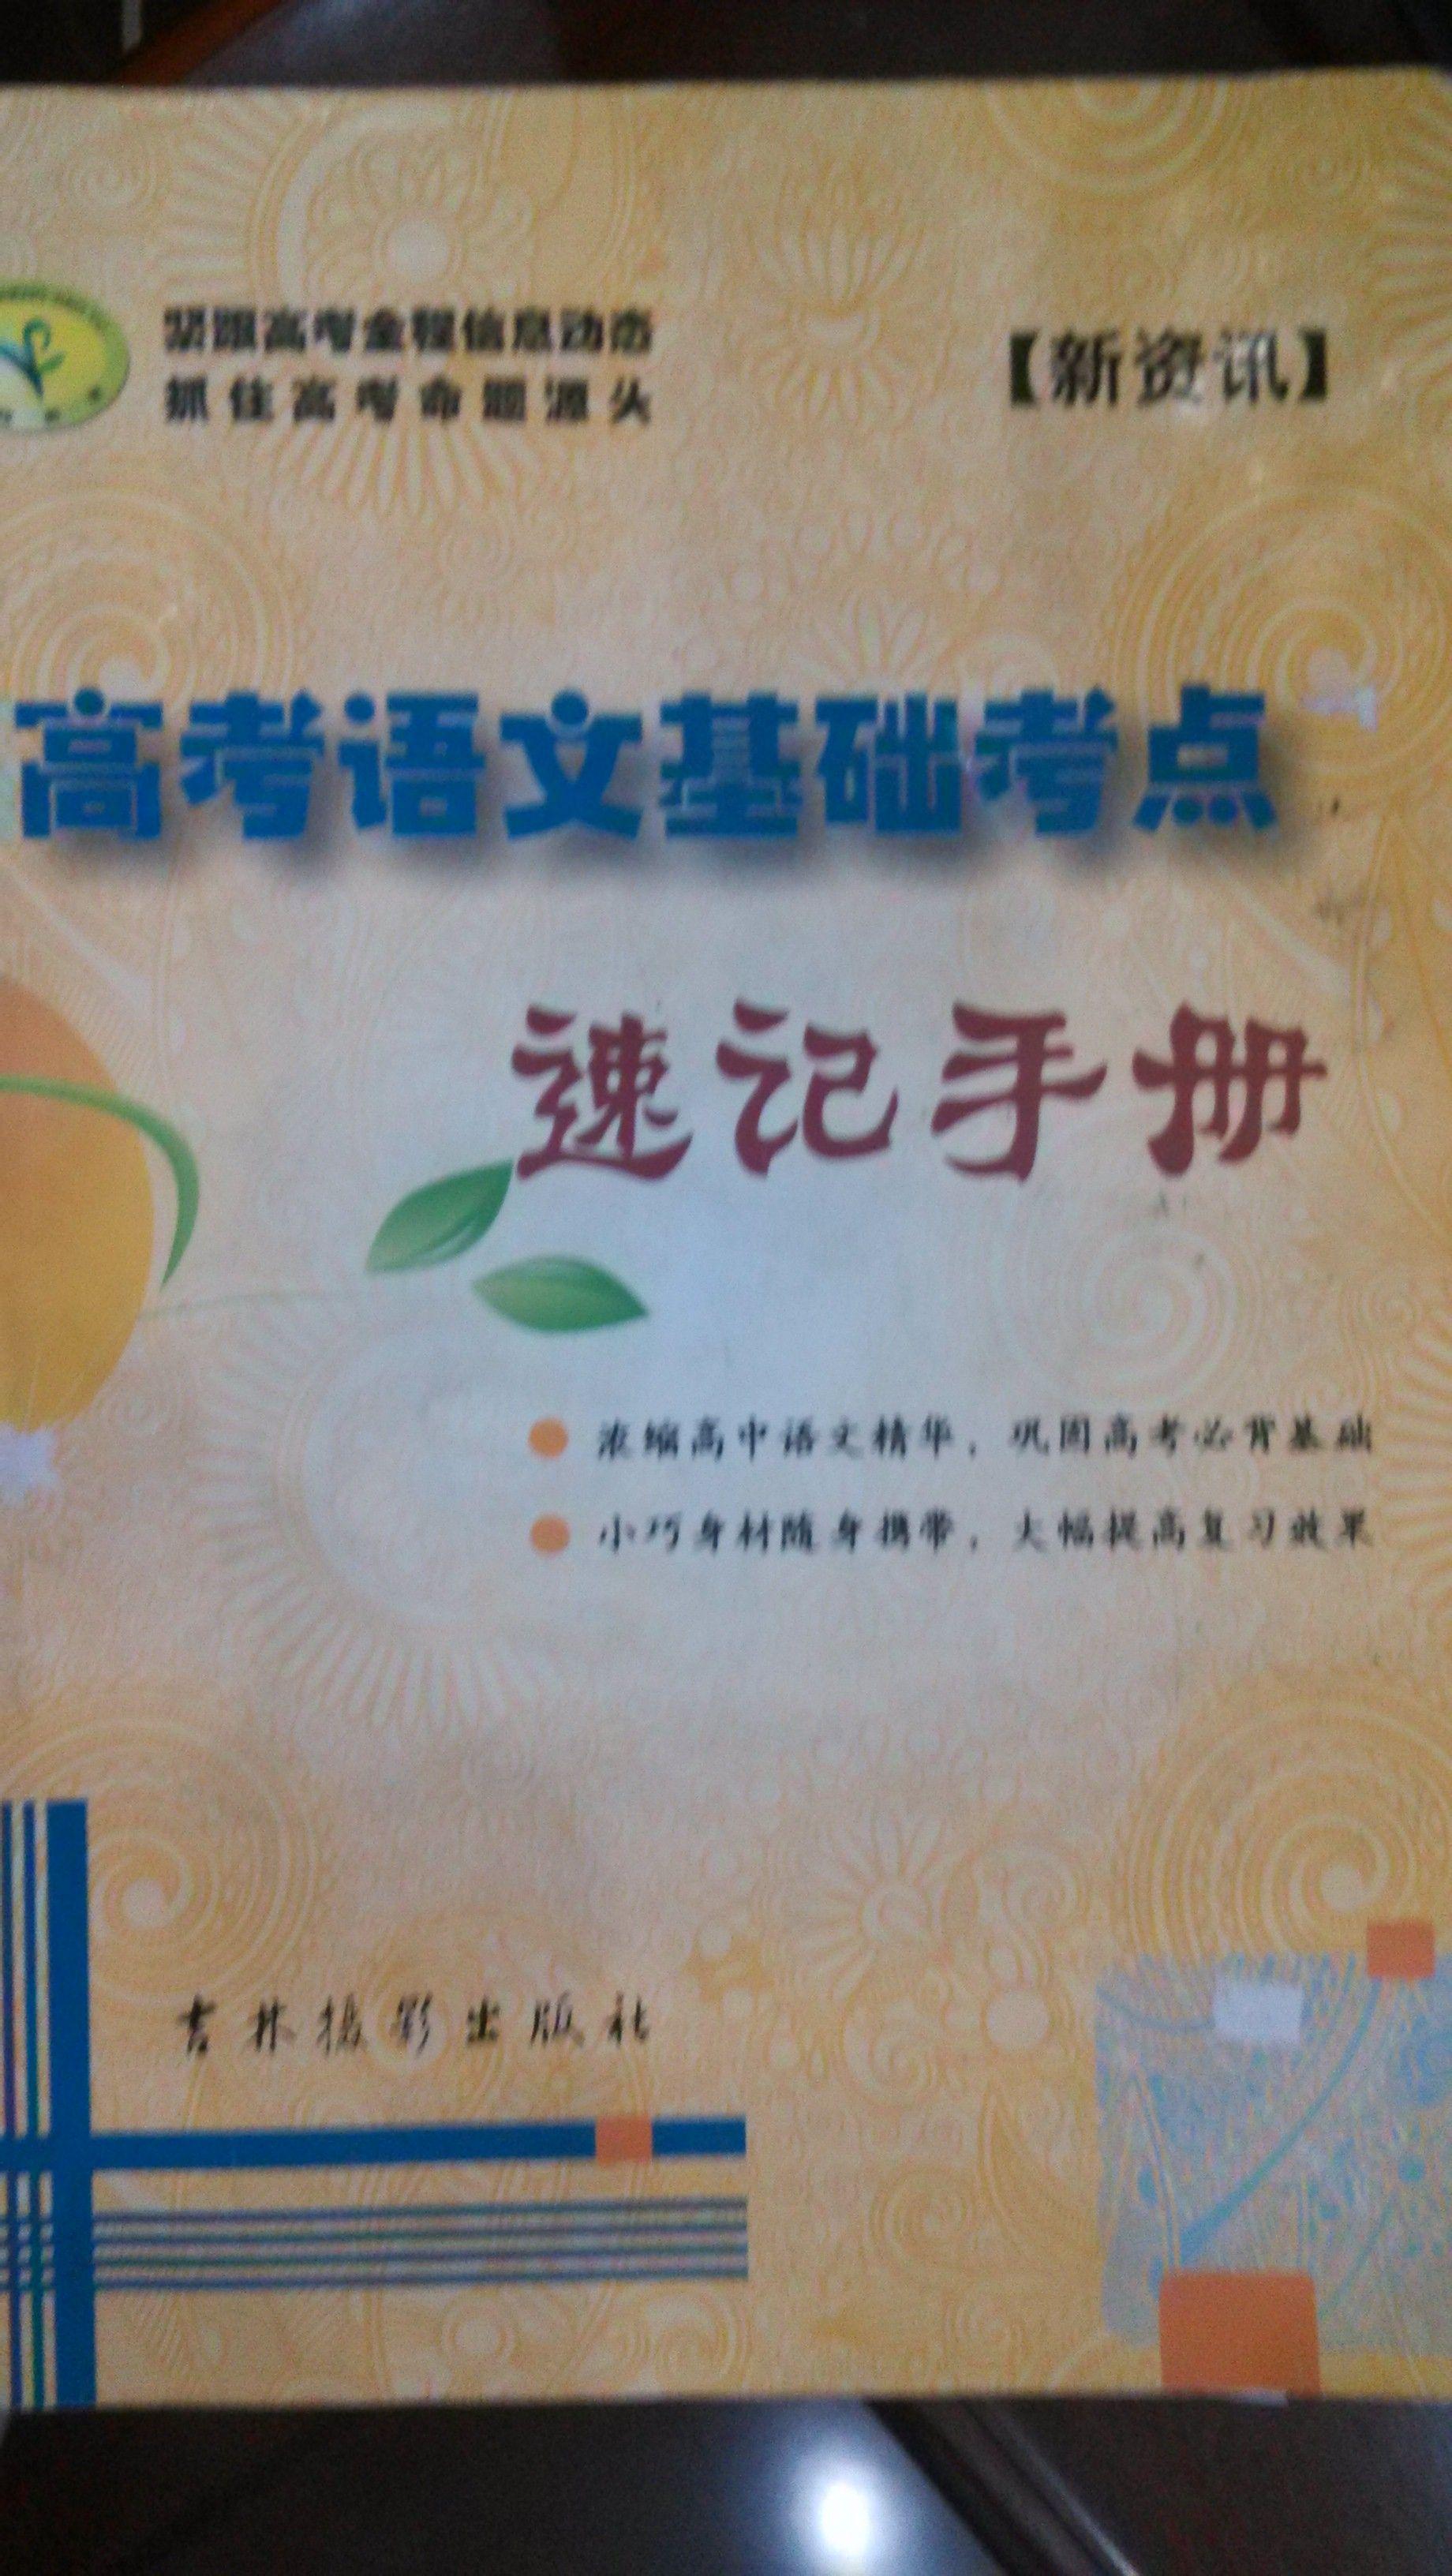 高中生一等奖手抄报_江苏高中生们,语文必背篇目的那本小黄书叫什么名字